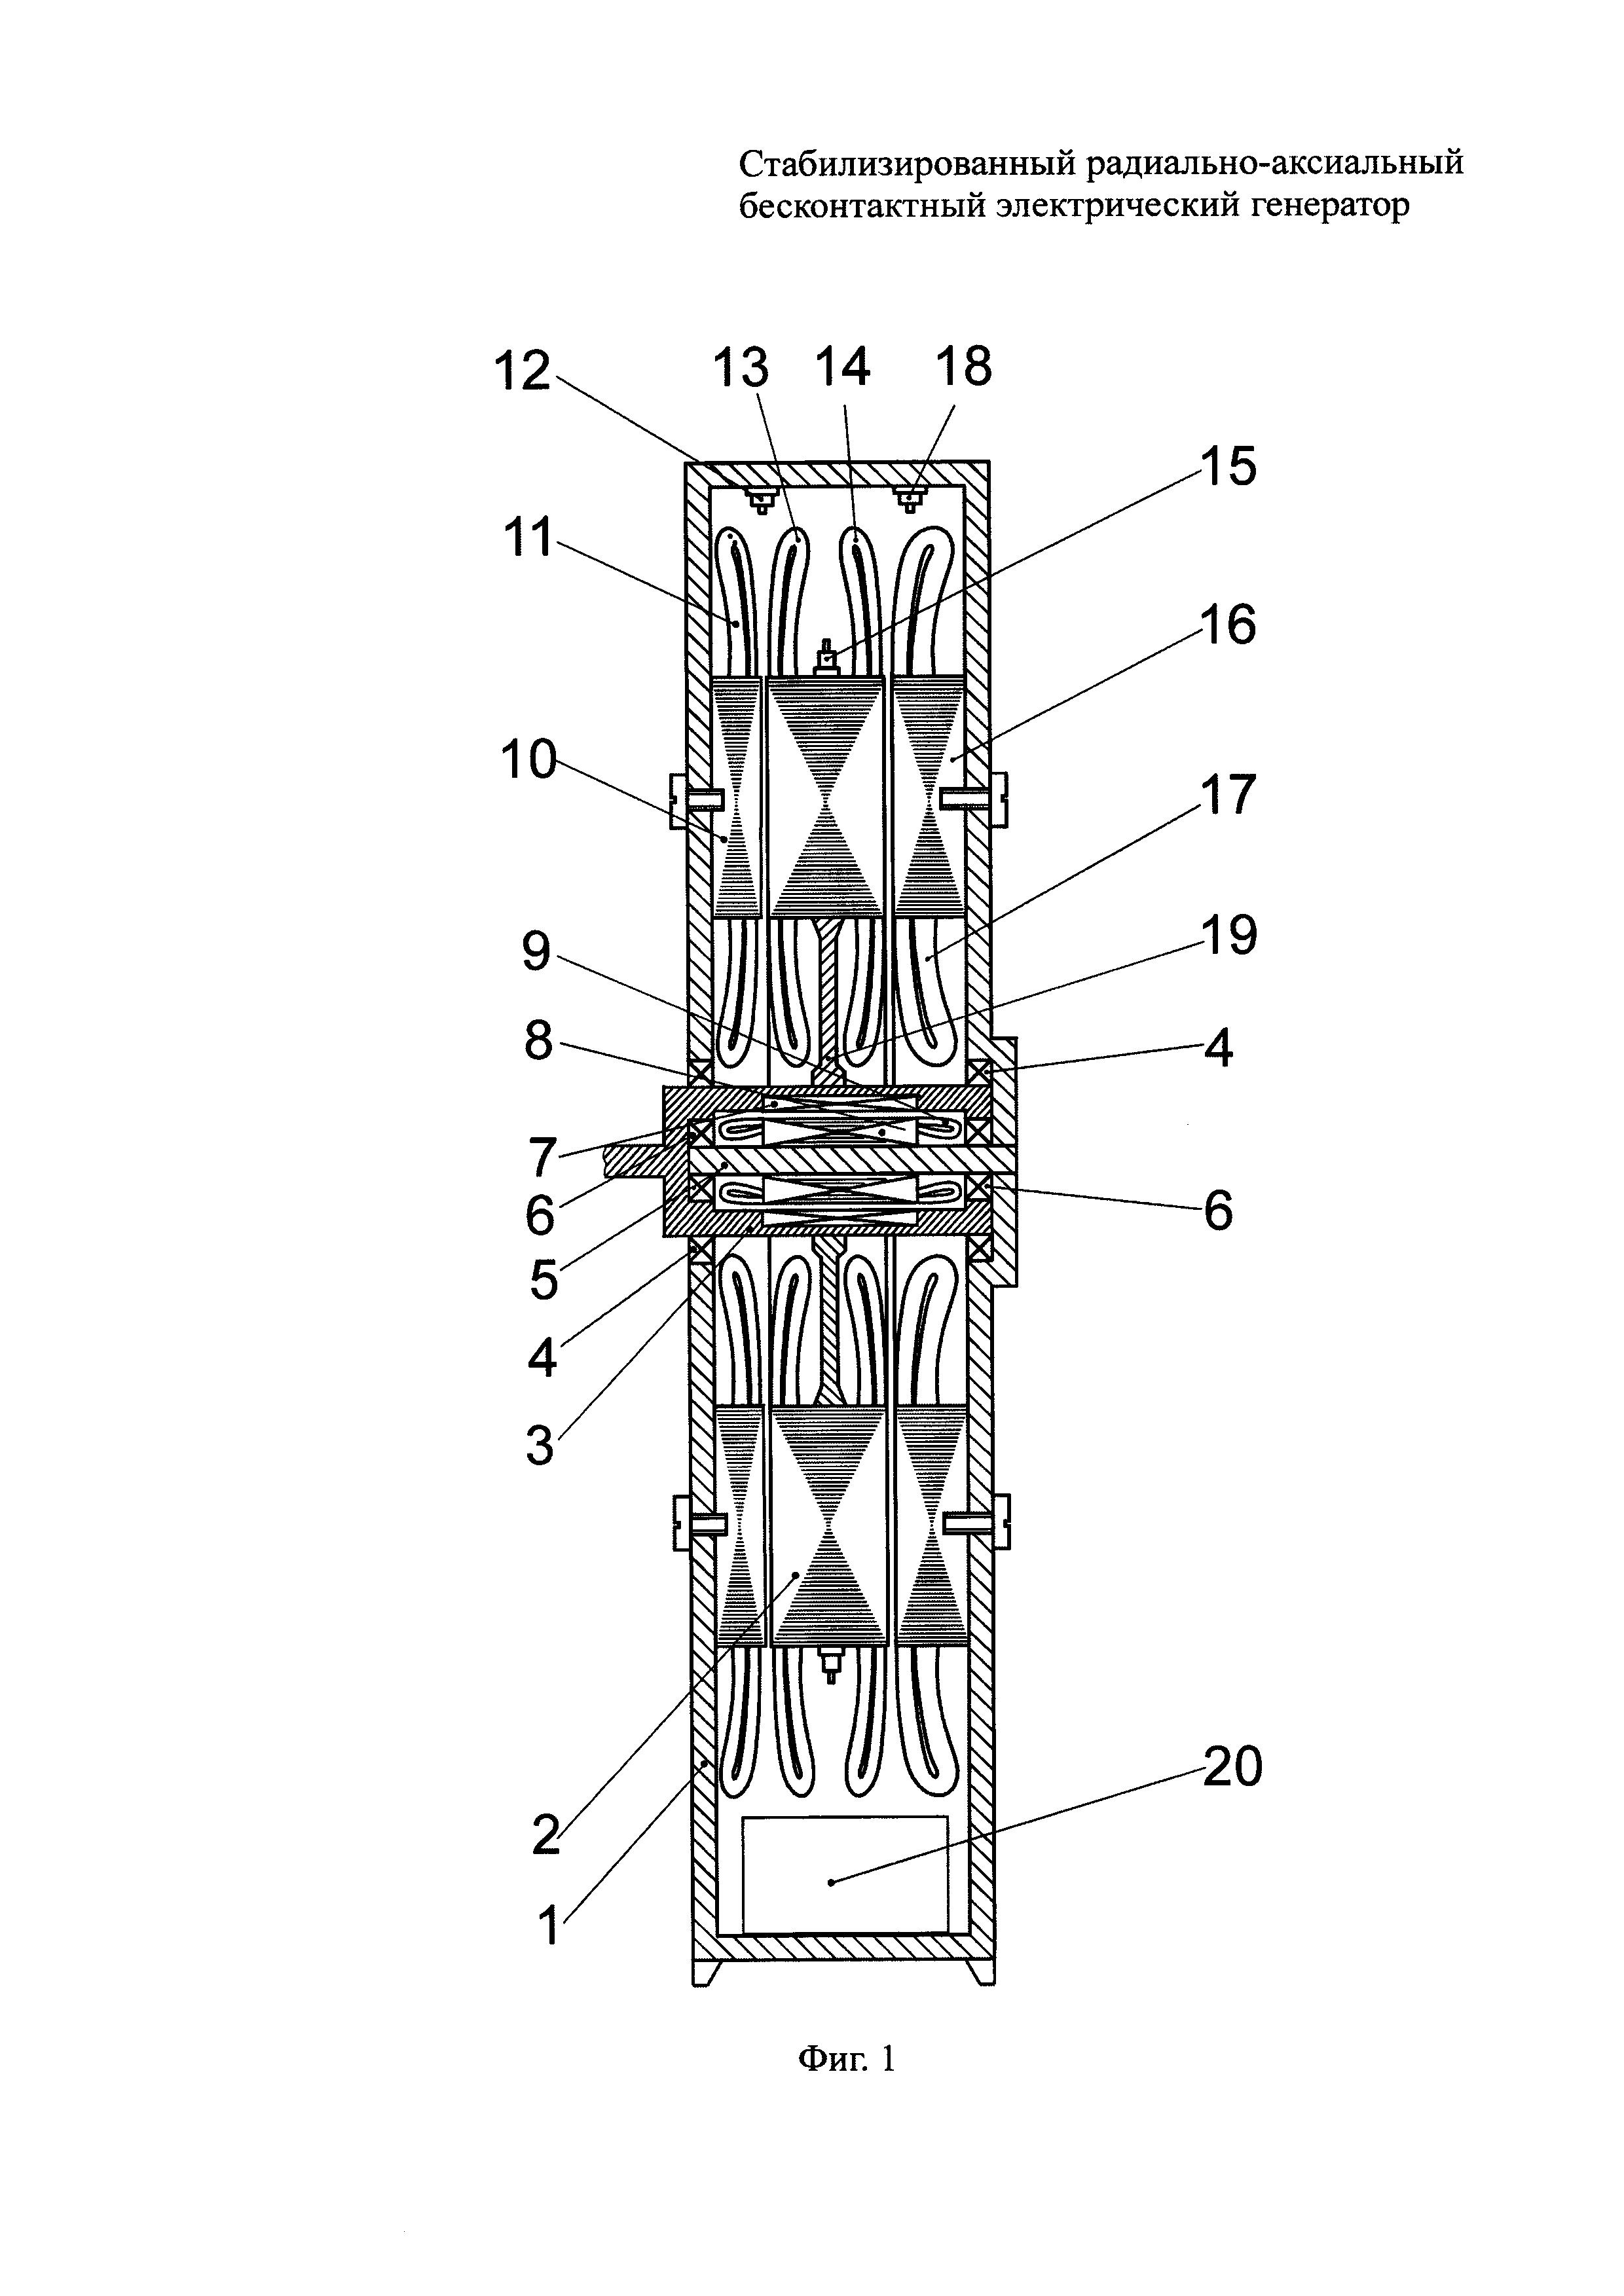 Стабилизированный радиально-аксиальный бесконтактный электрический генератор